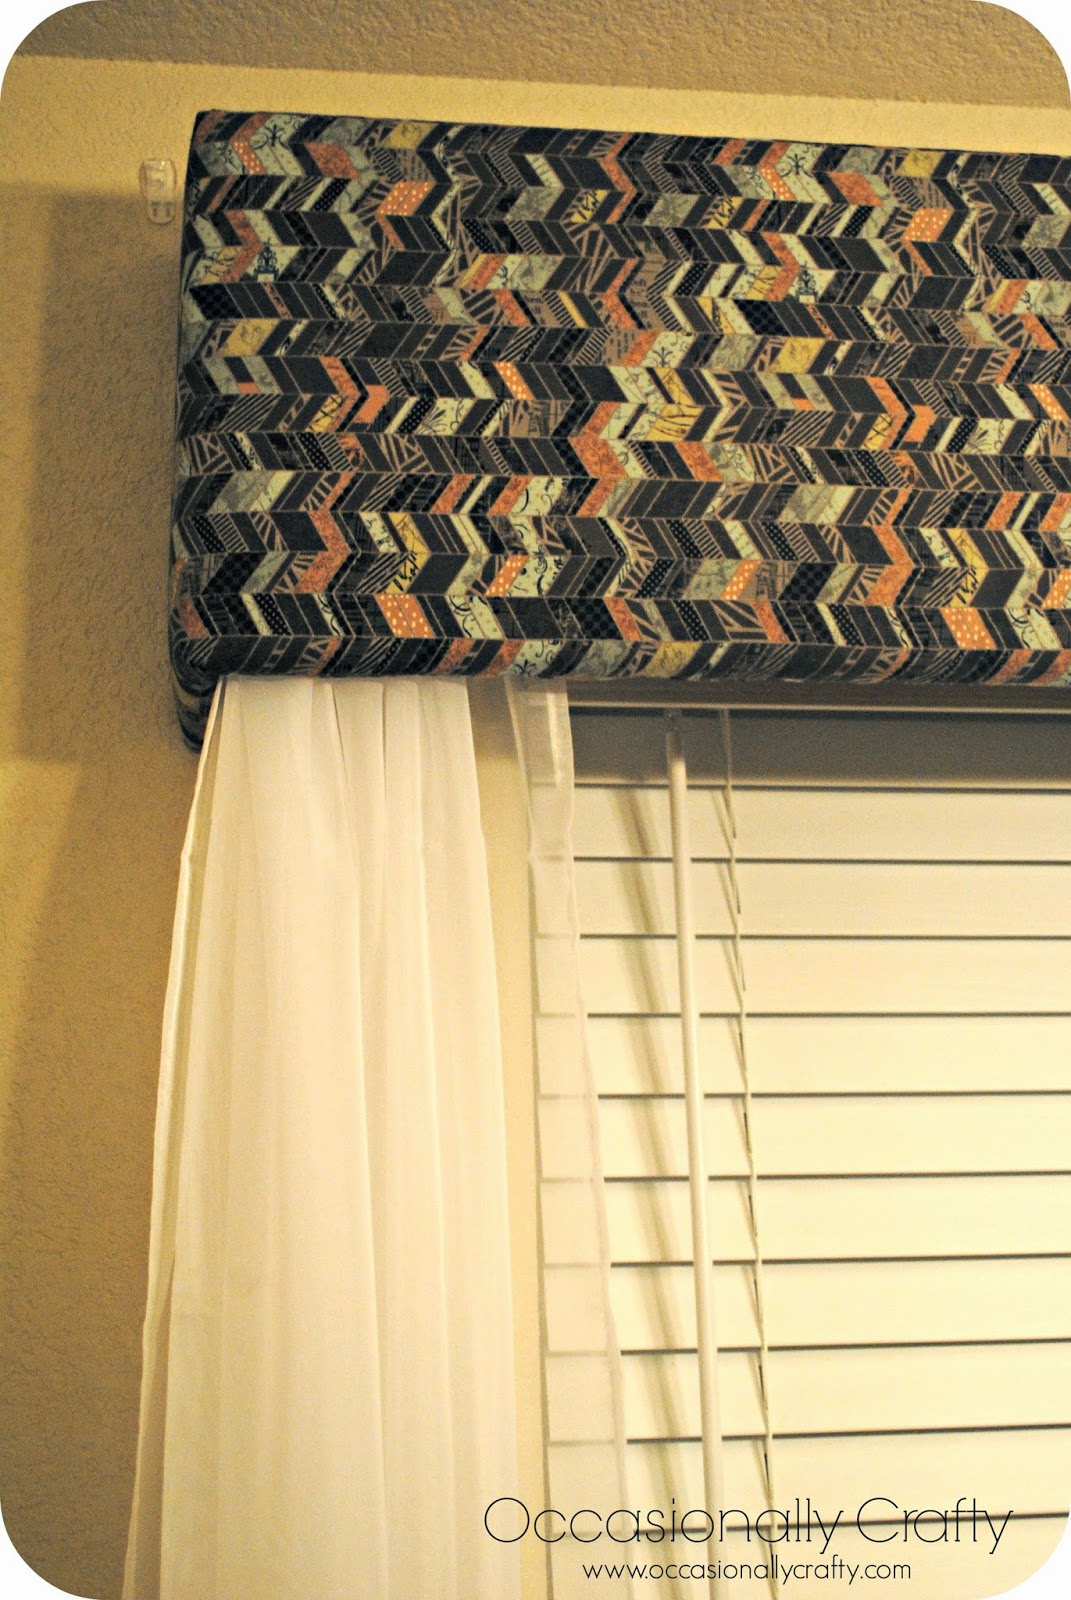 Diy Window Treatments Occasionally Crafty Diy Window